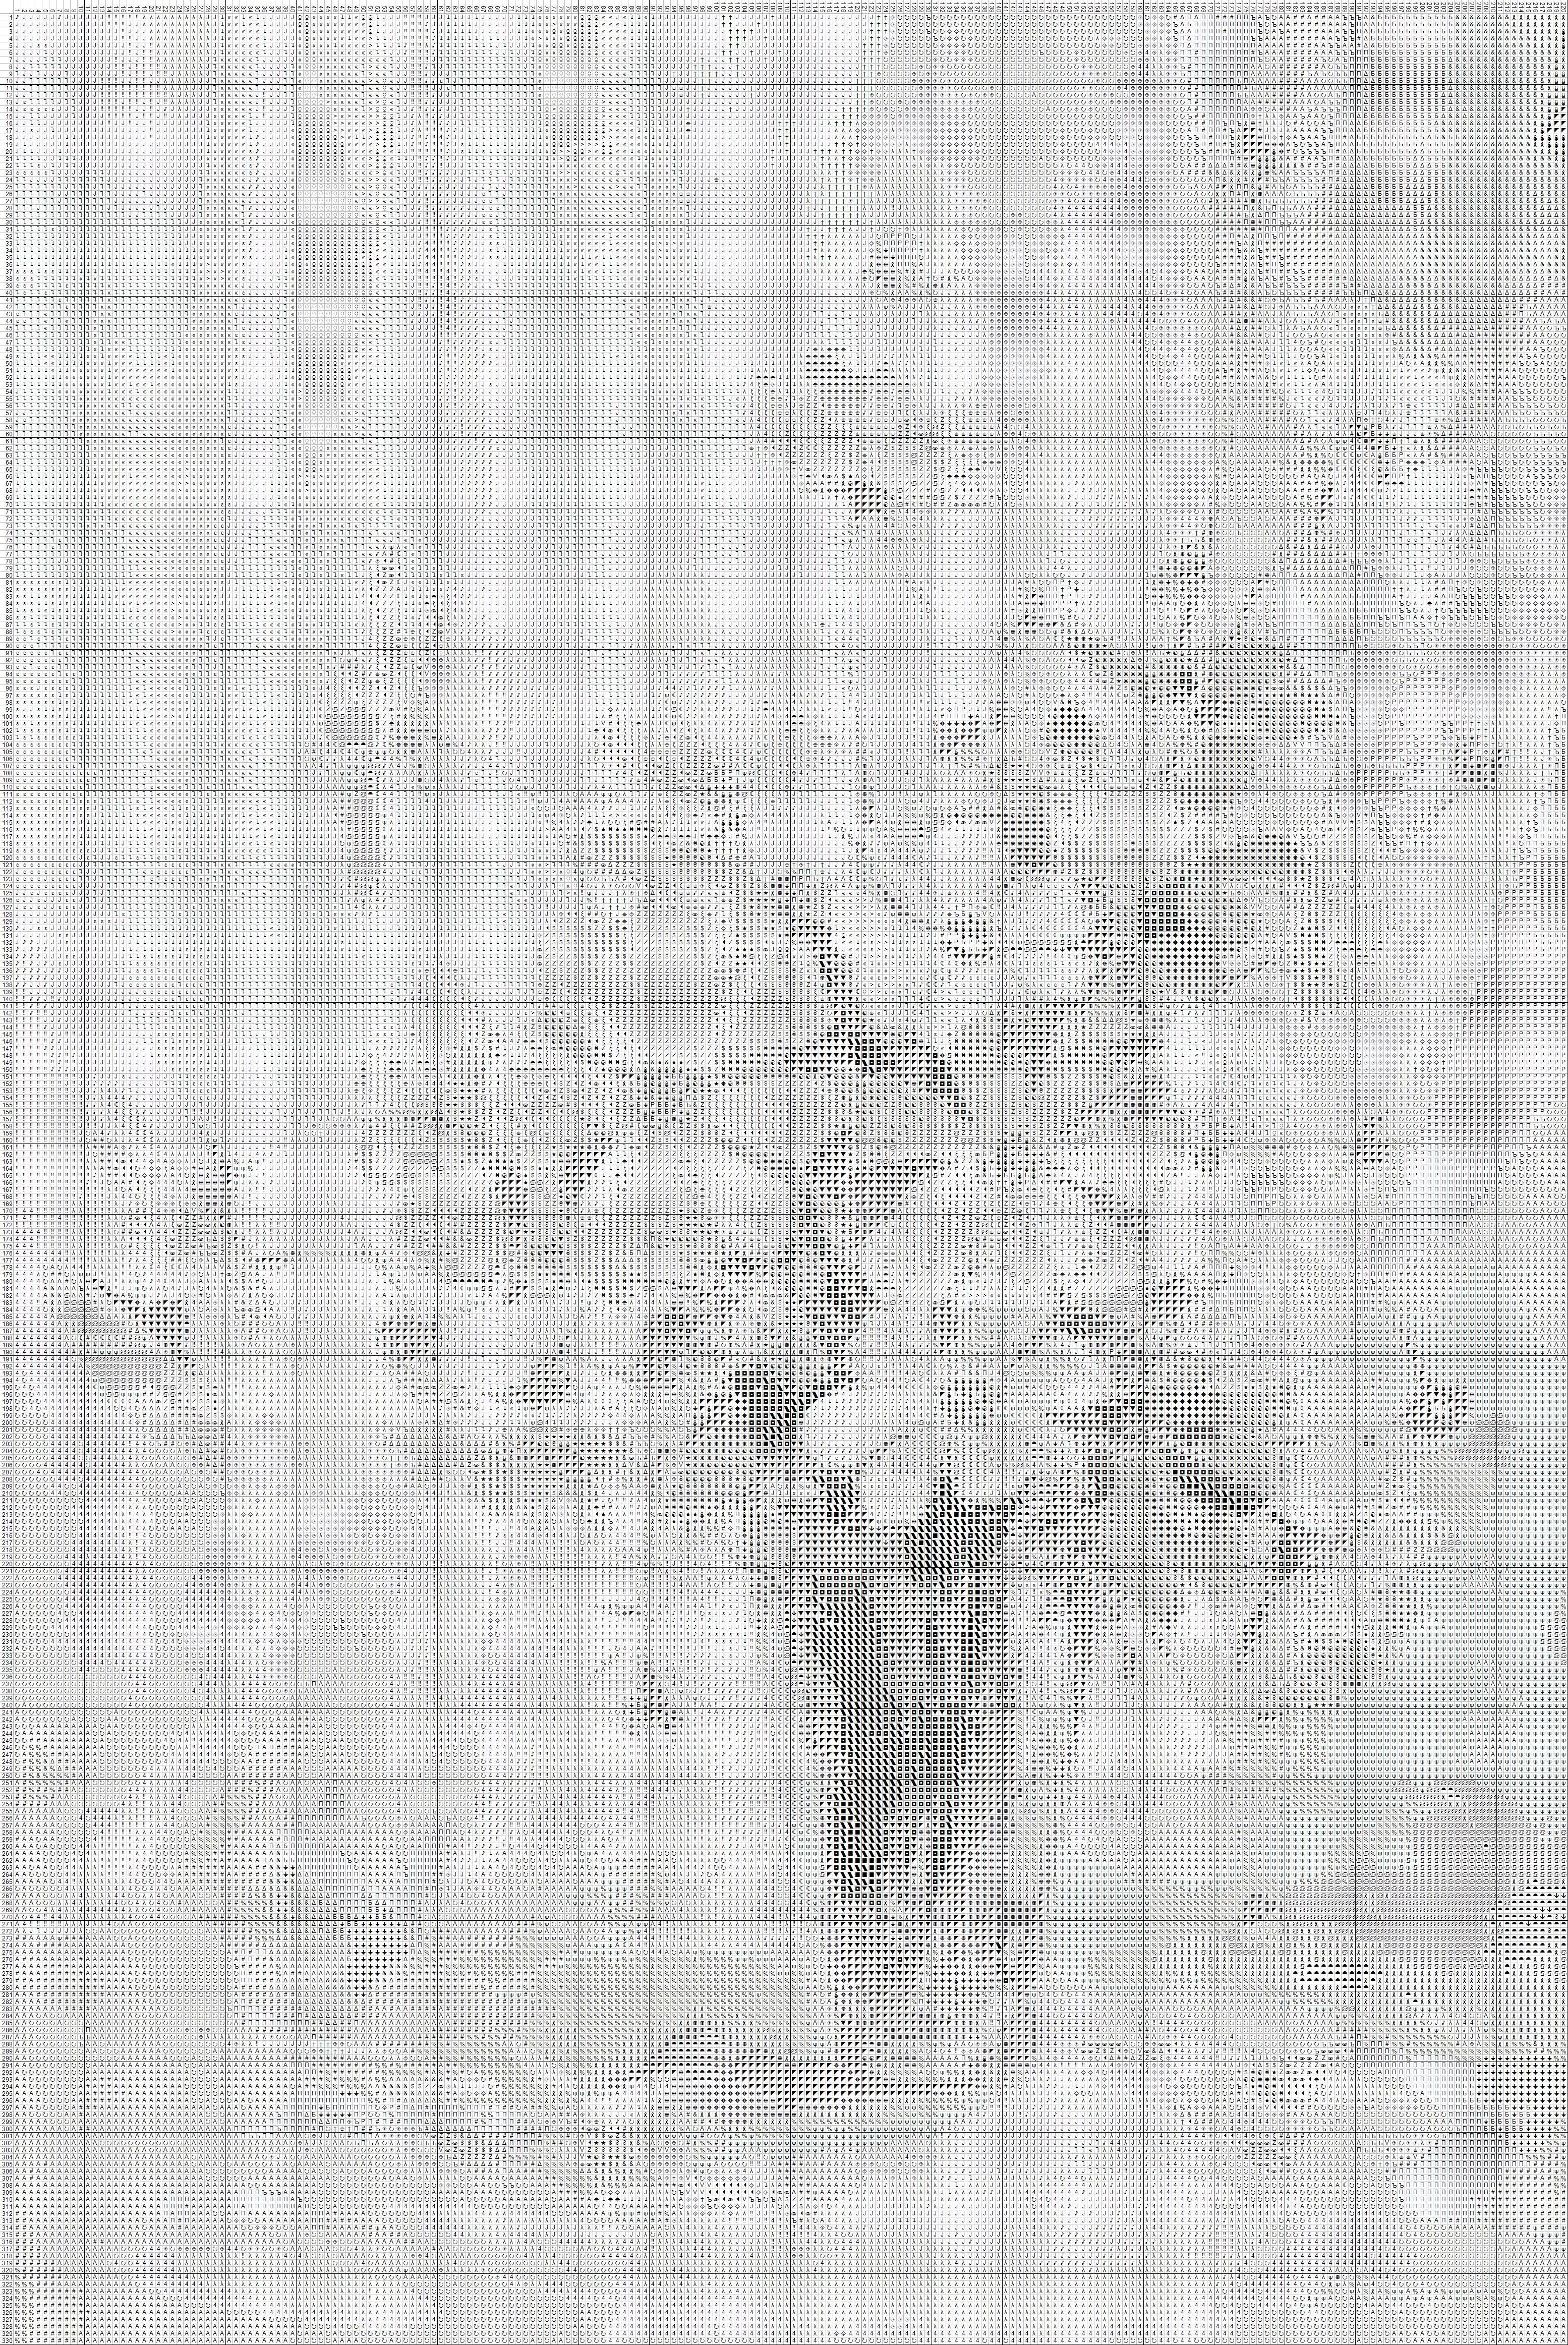 Схема для вышивки  крестом   «Цветы   2 »  60 Х 40